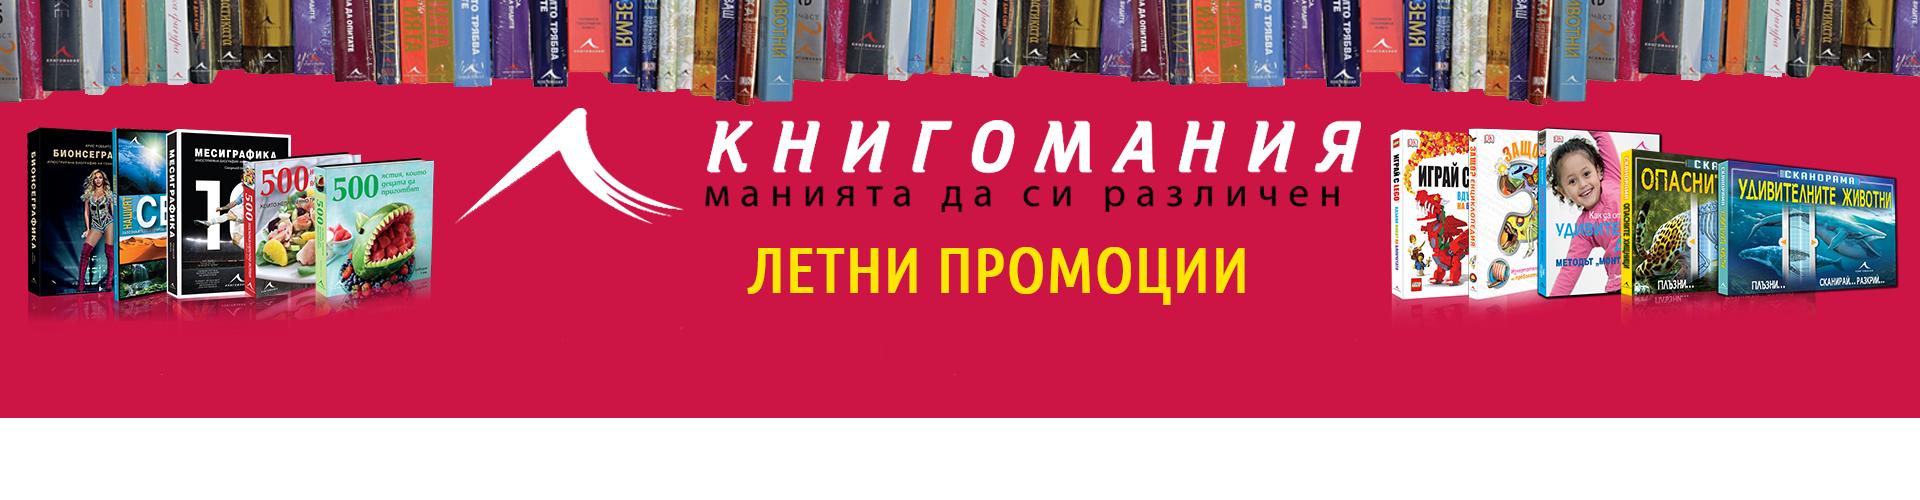 летни намаления на книги